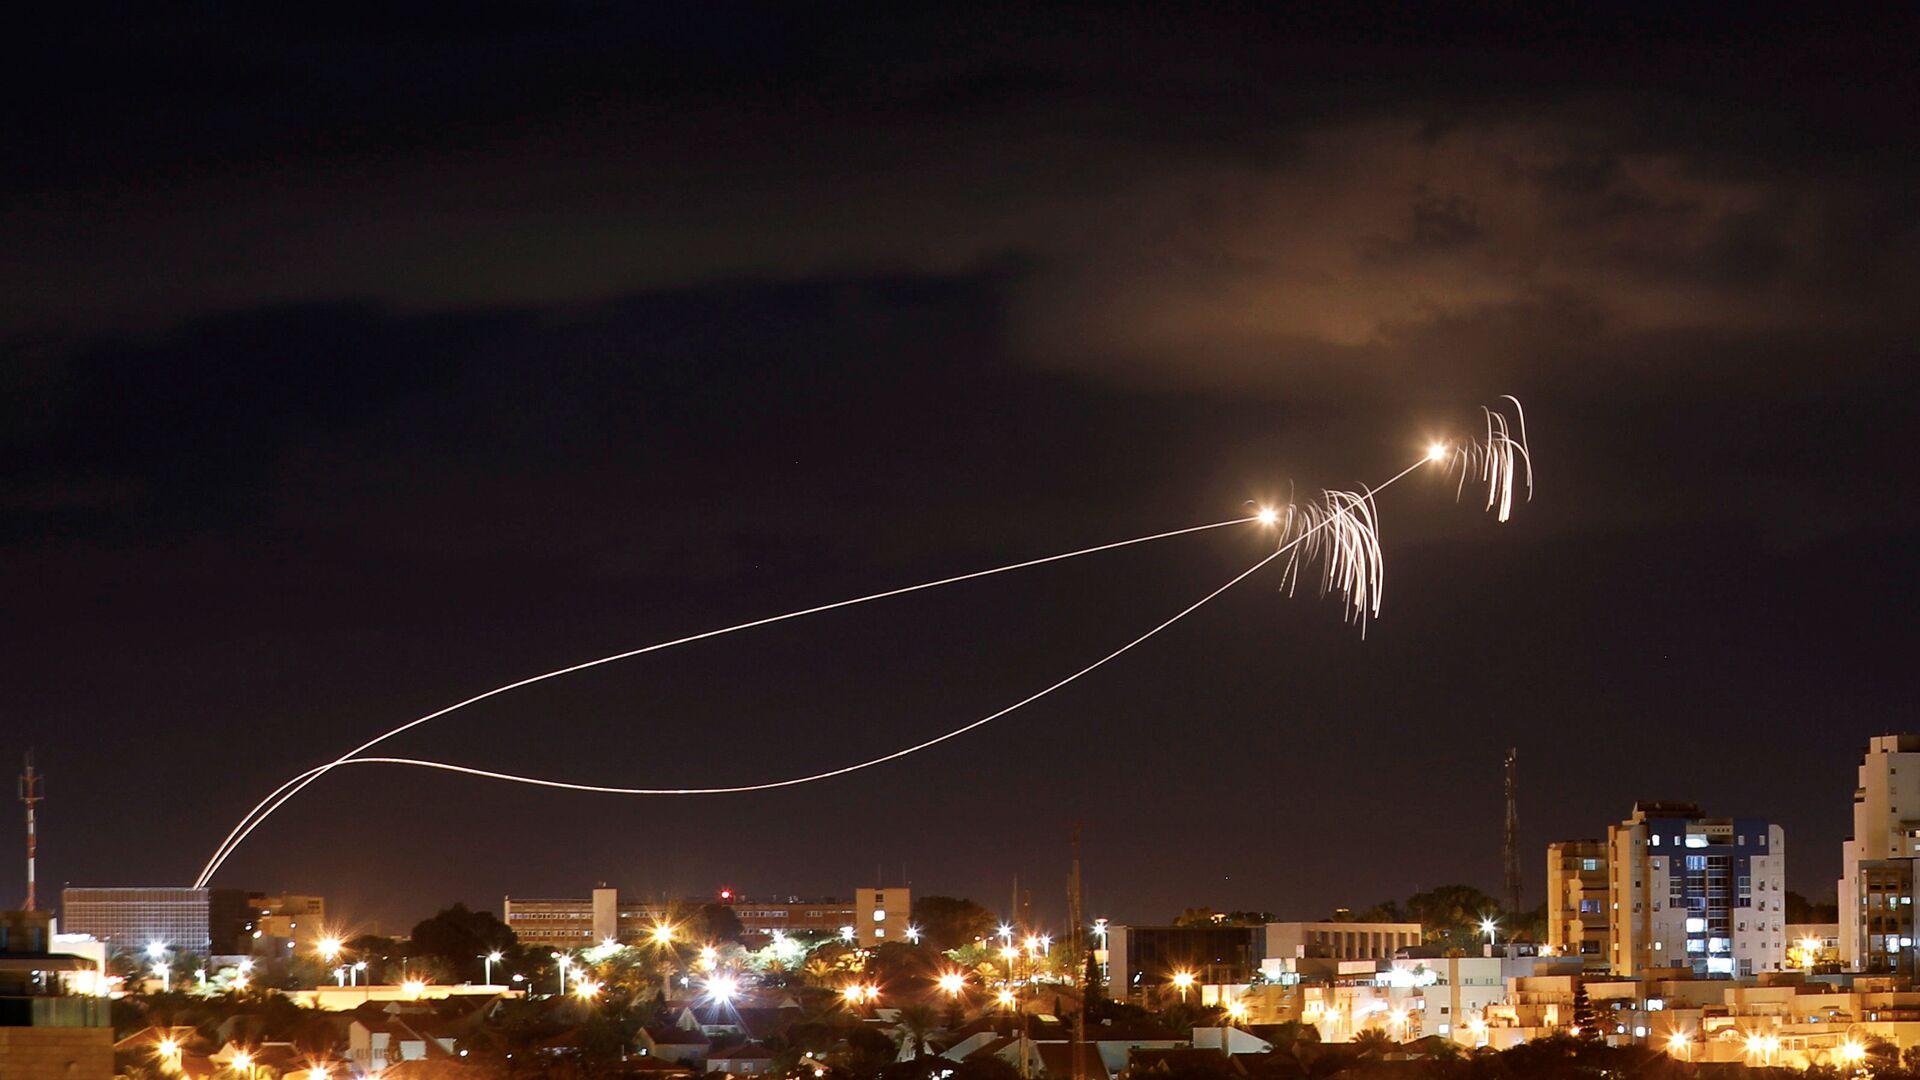 İsrail'in 'Demir Kubbe' hava savunma sistemi, Gazze'den atıldığı ileri sürülen roketlere karşı harekete geçti - Sputnik Türkiye, 1920, 13.09.2021